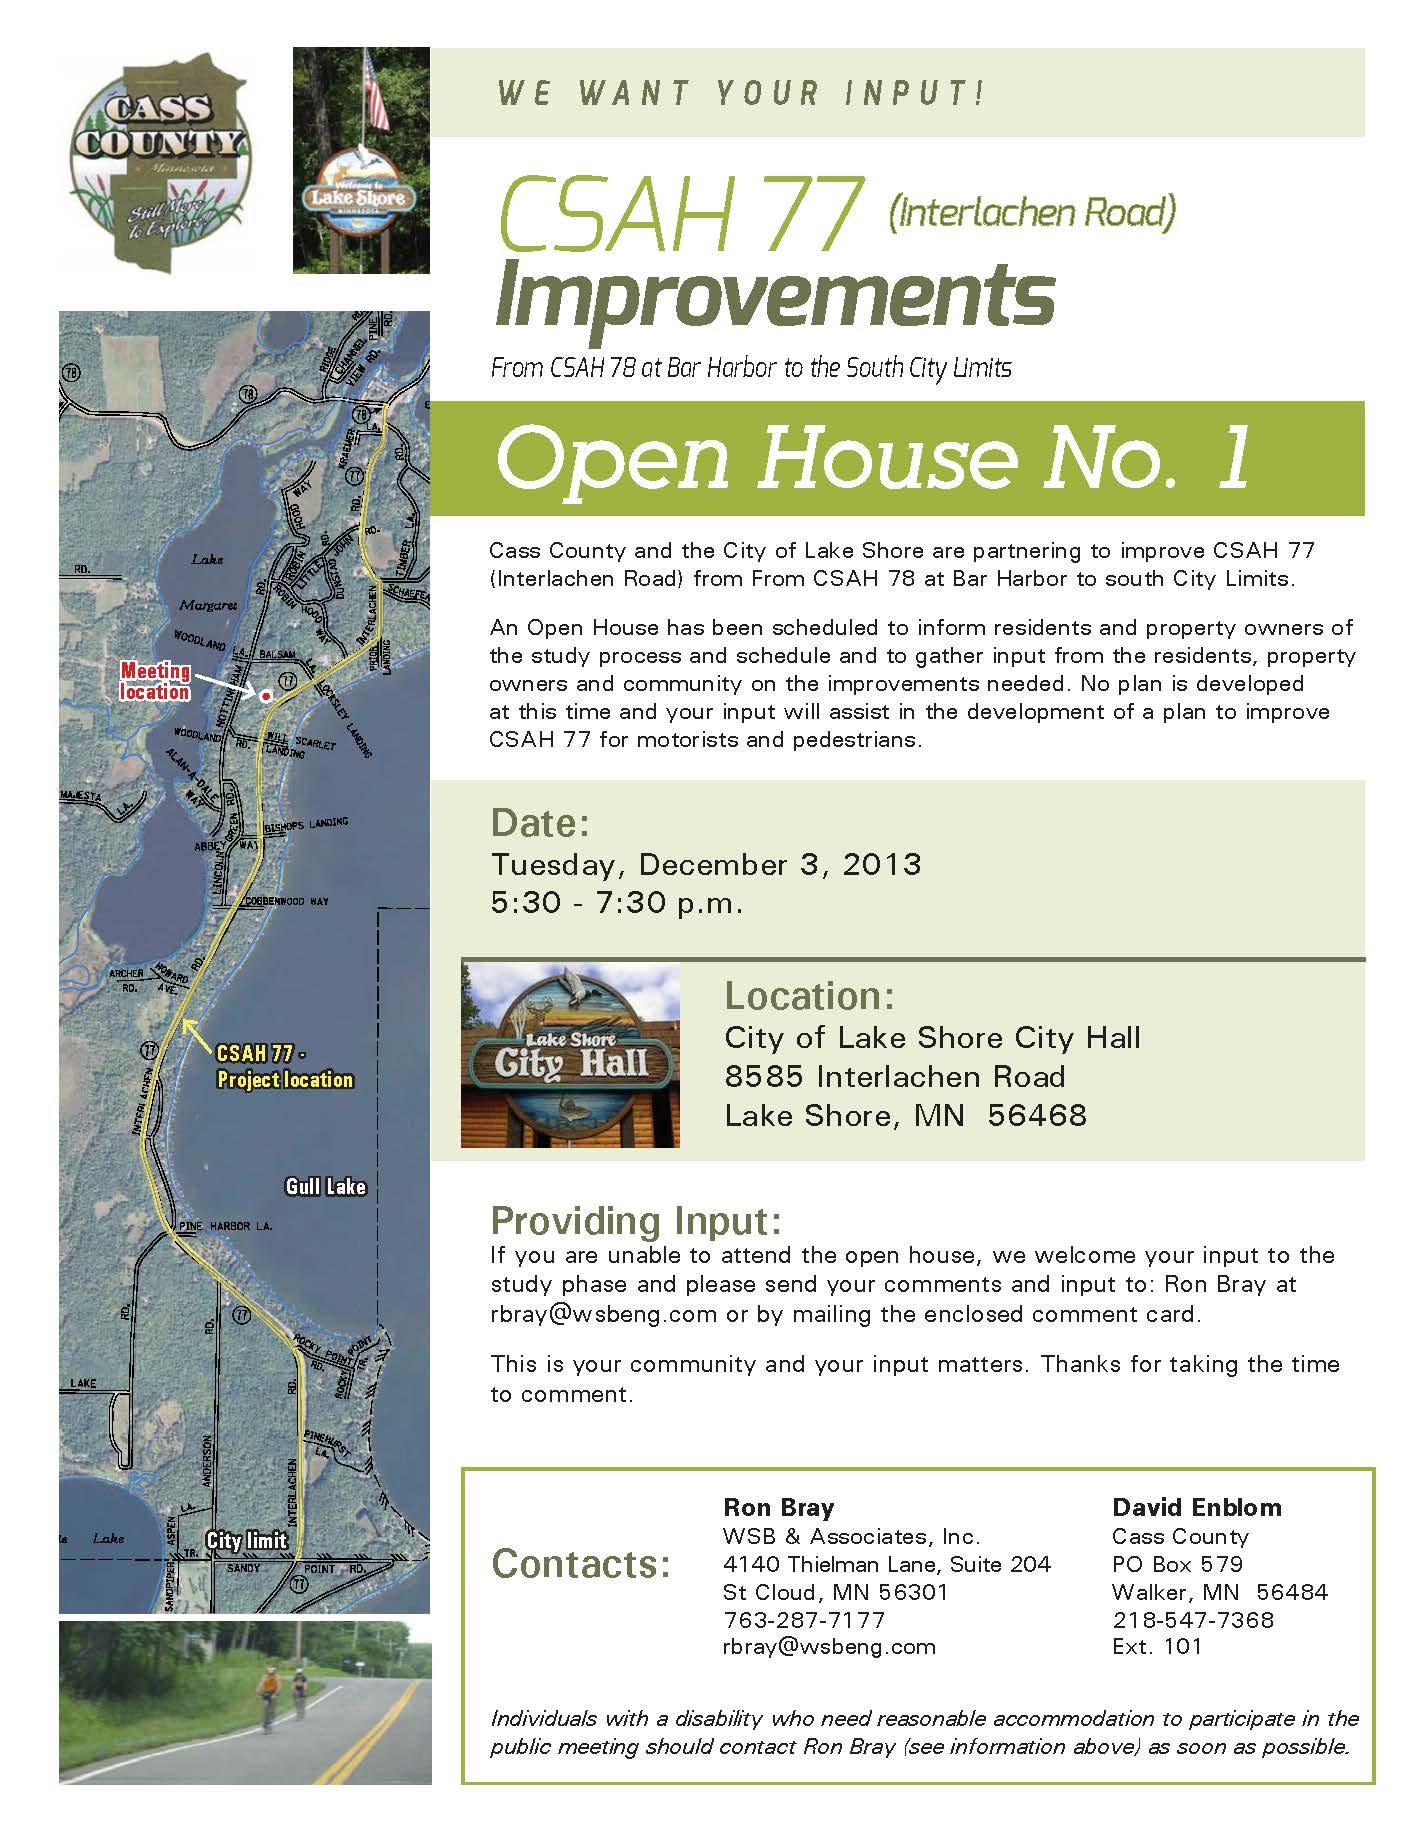 Cass County Open House 1 Flier.jpg